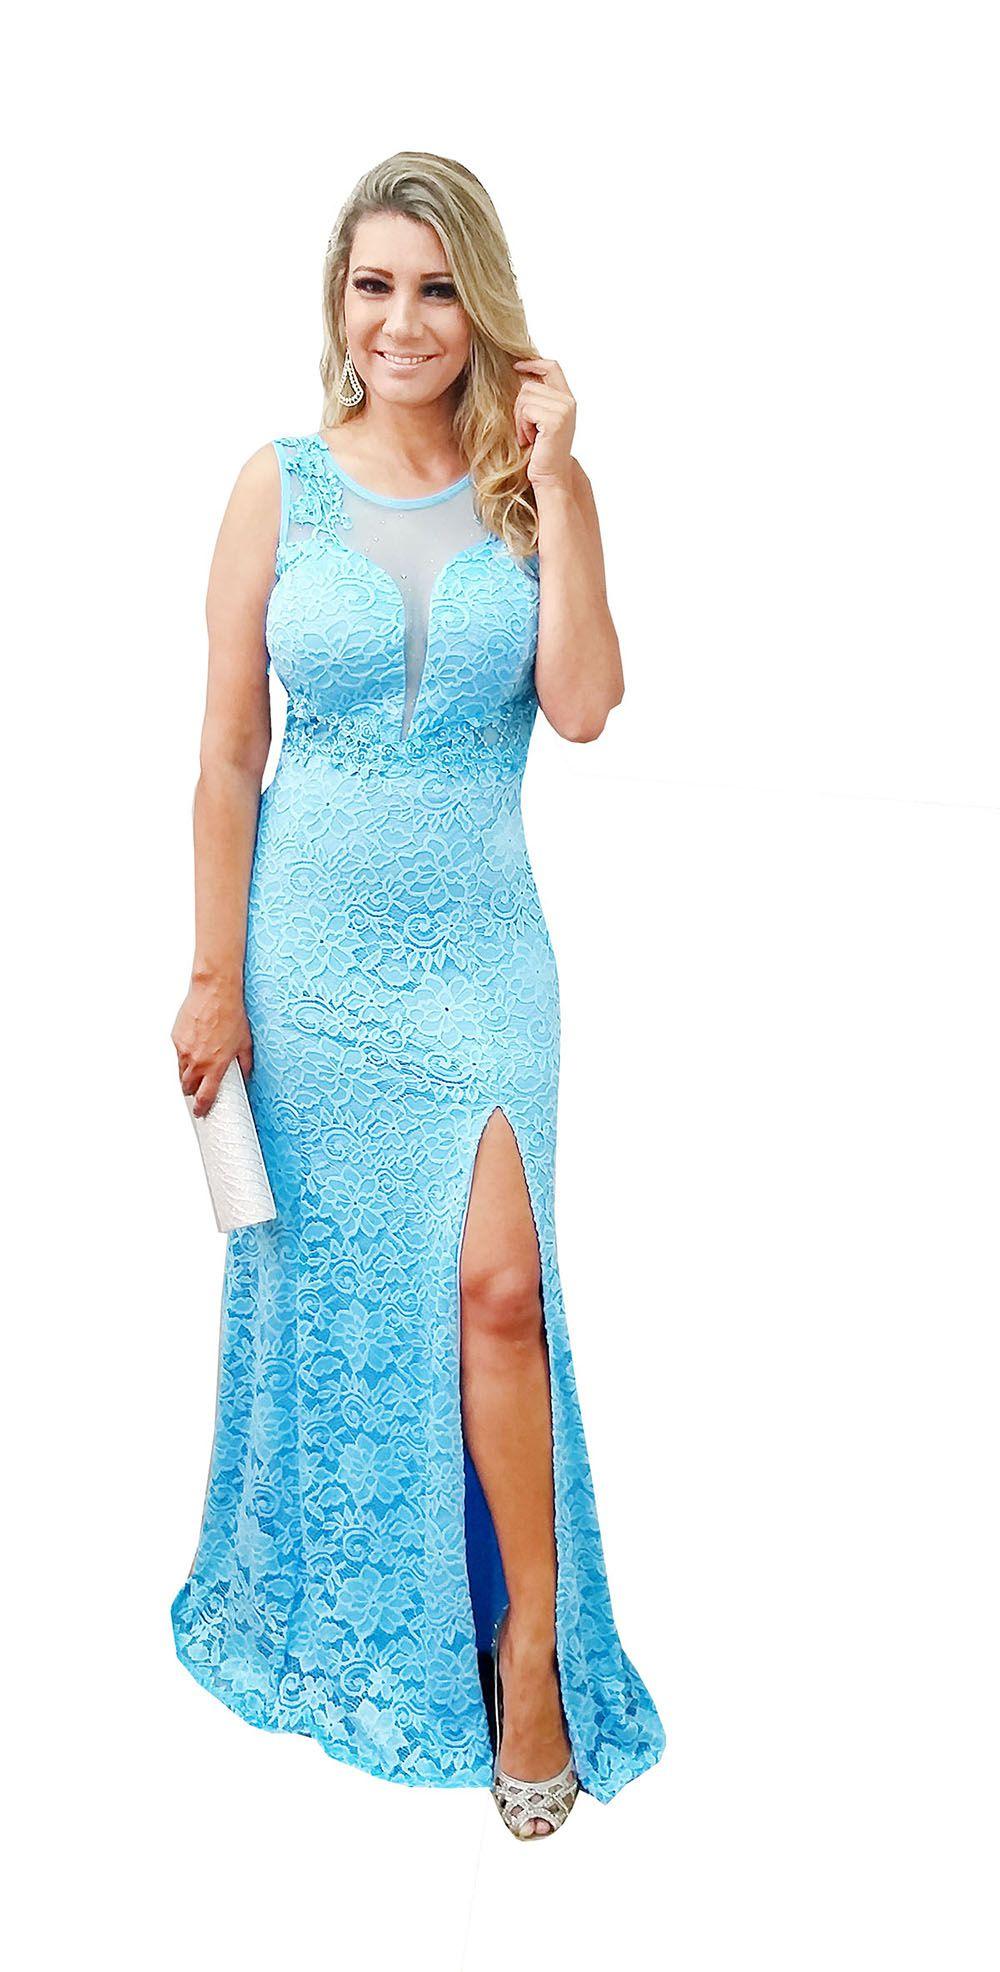 d1a61f593 Vestido Festa Azul Serenity - Renda Fenda Casamento - Grife Velasco